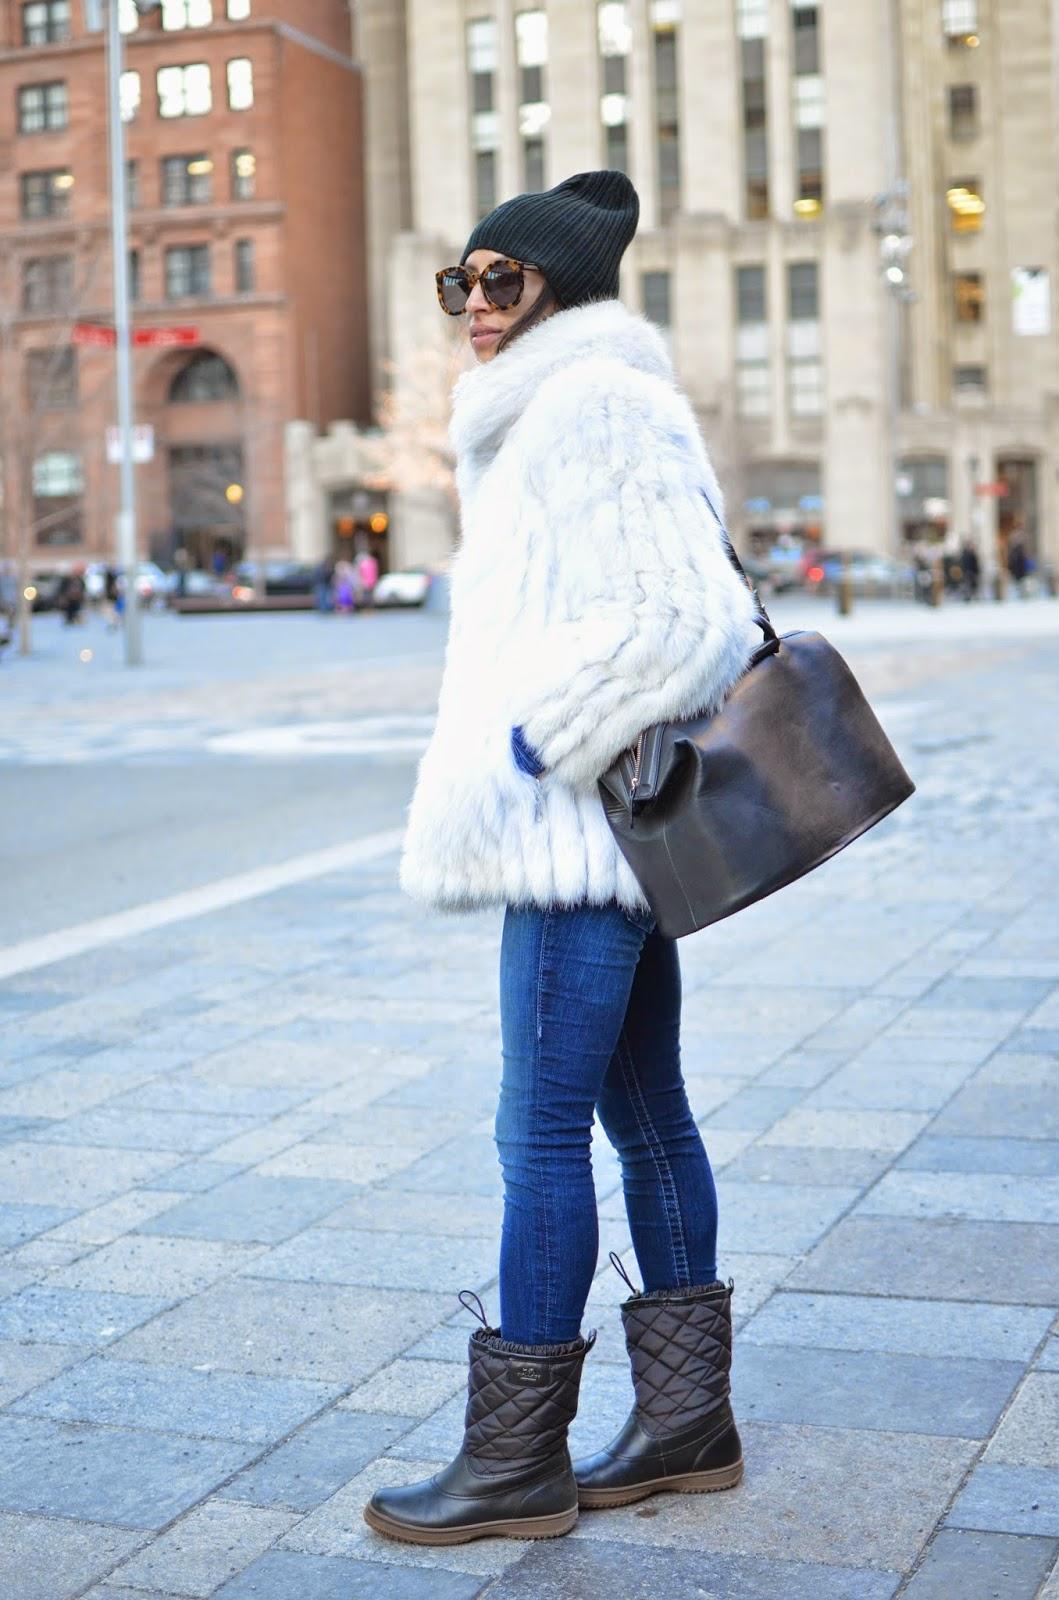 Karen Walker Super sunglasses, winter style, vintage, vintage fur, Montreal, Montreal style, Old Montreal, Coach snow boots